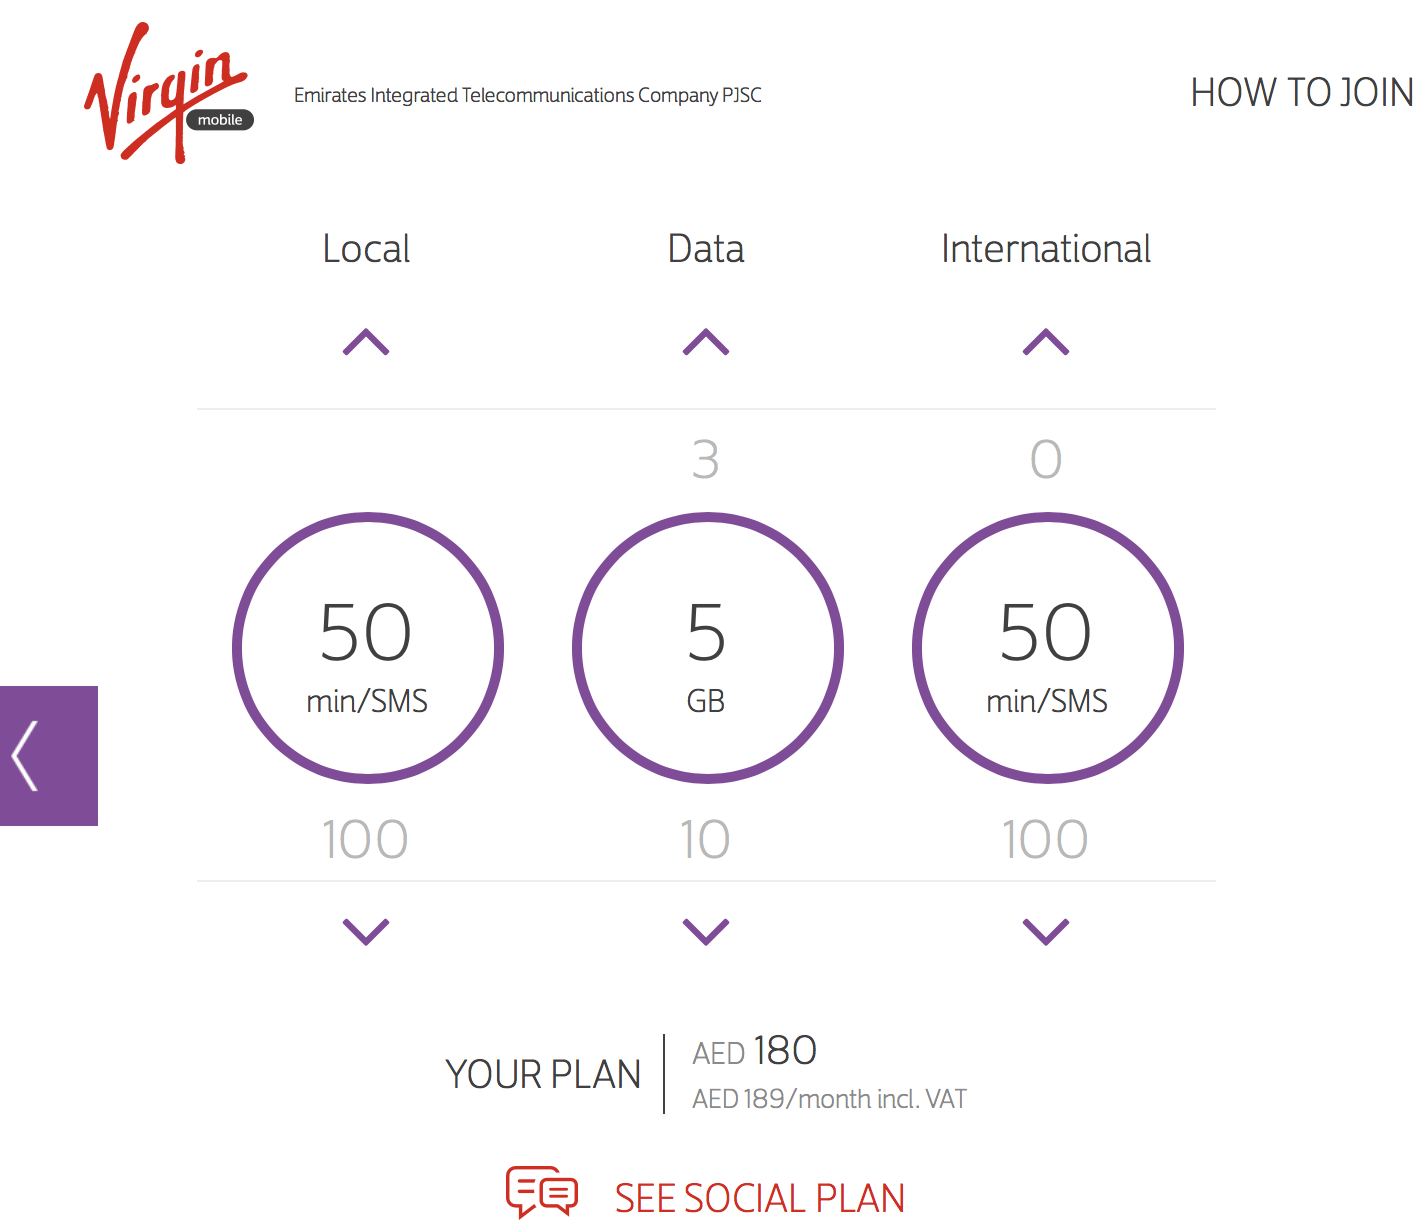 Интернет и мобильная связь в ОАЭ - 6